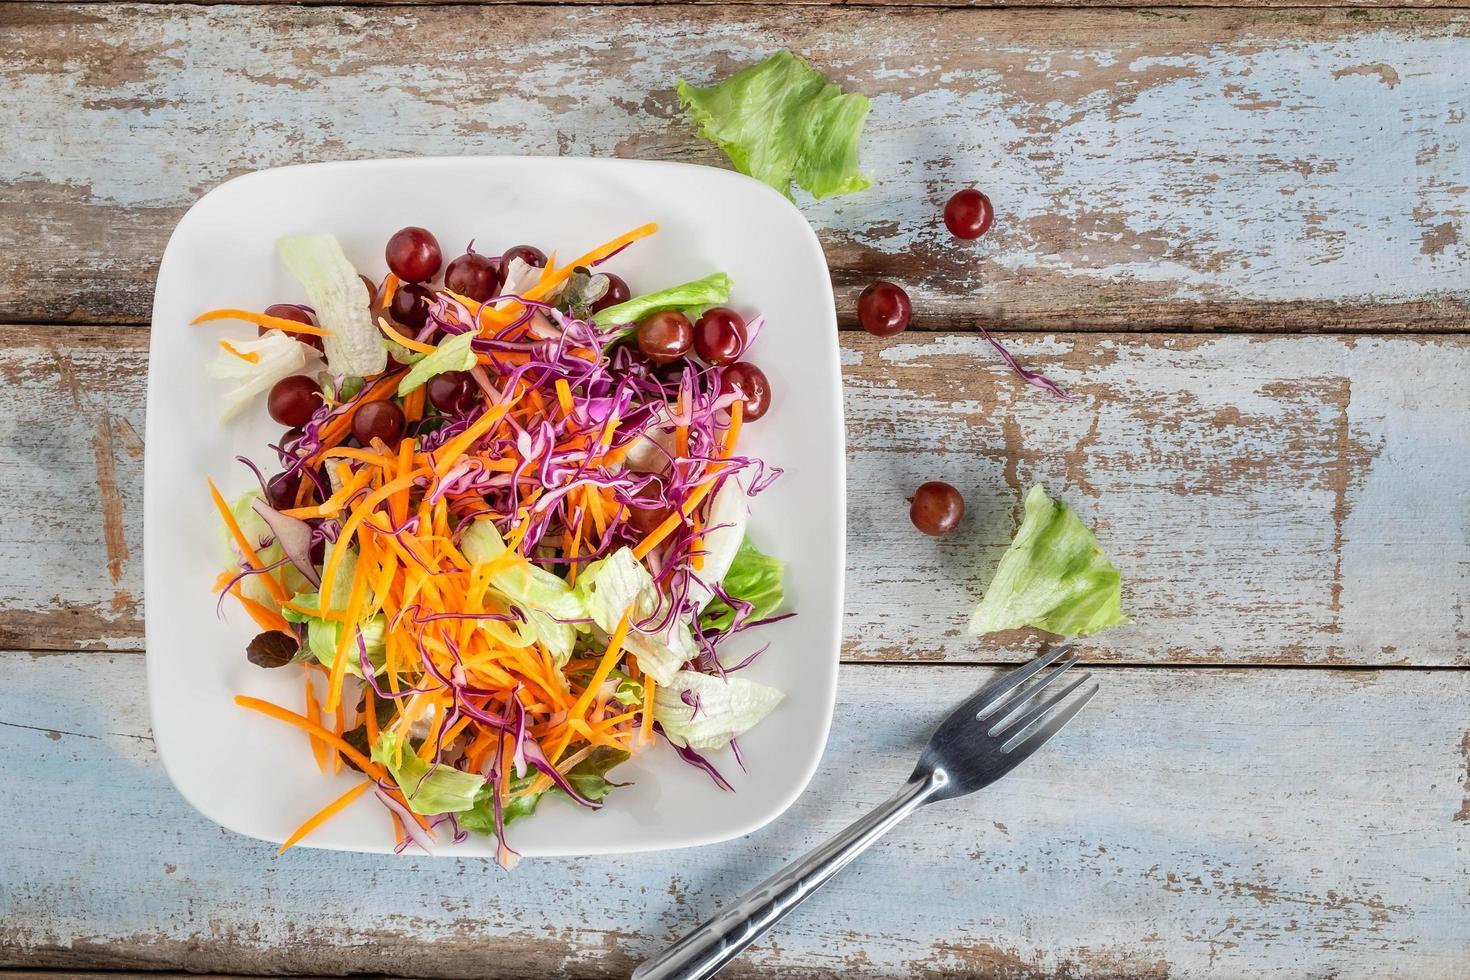 Salade de légumes dans un bol sur table en bois photo